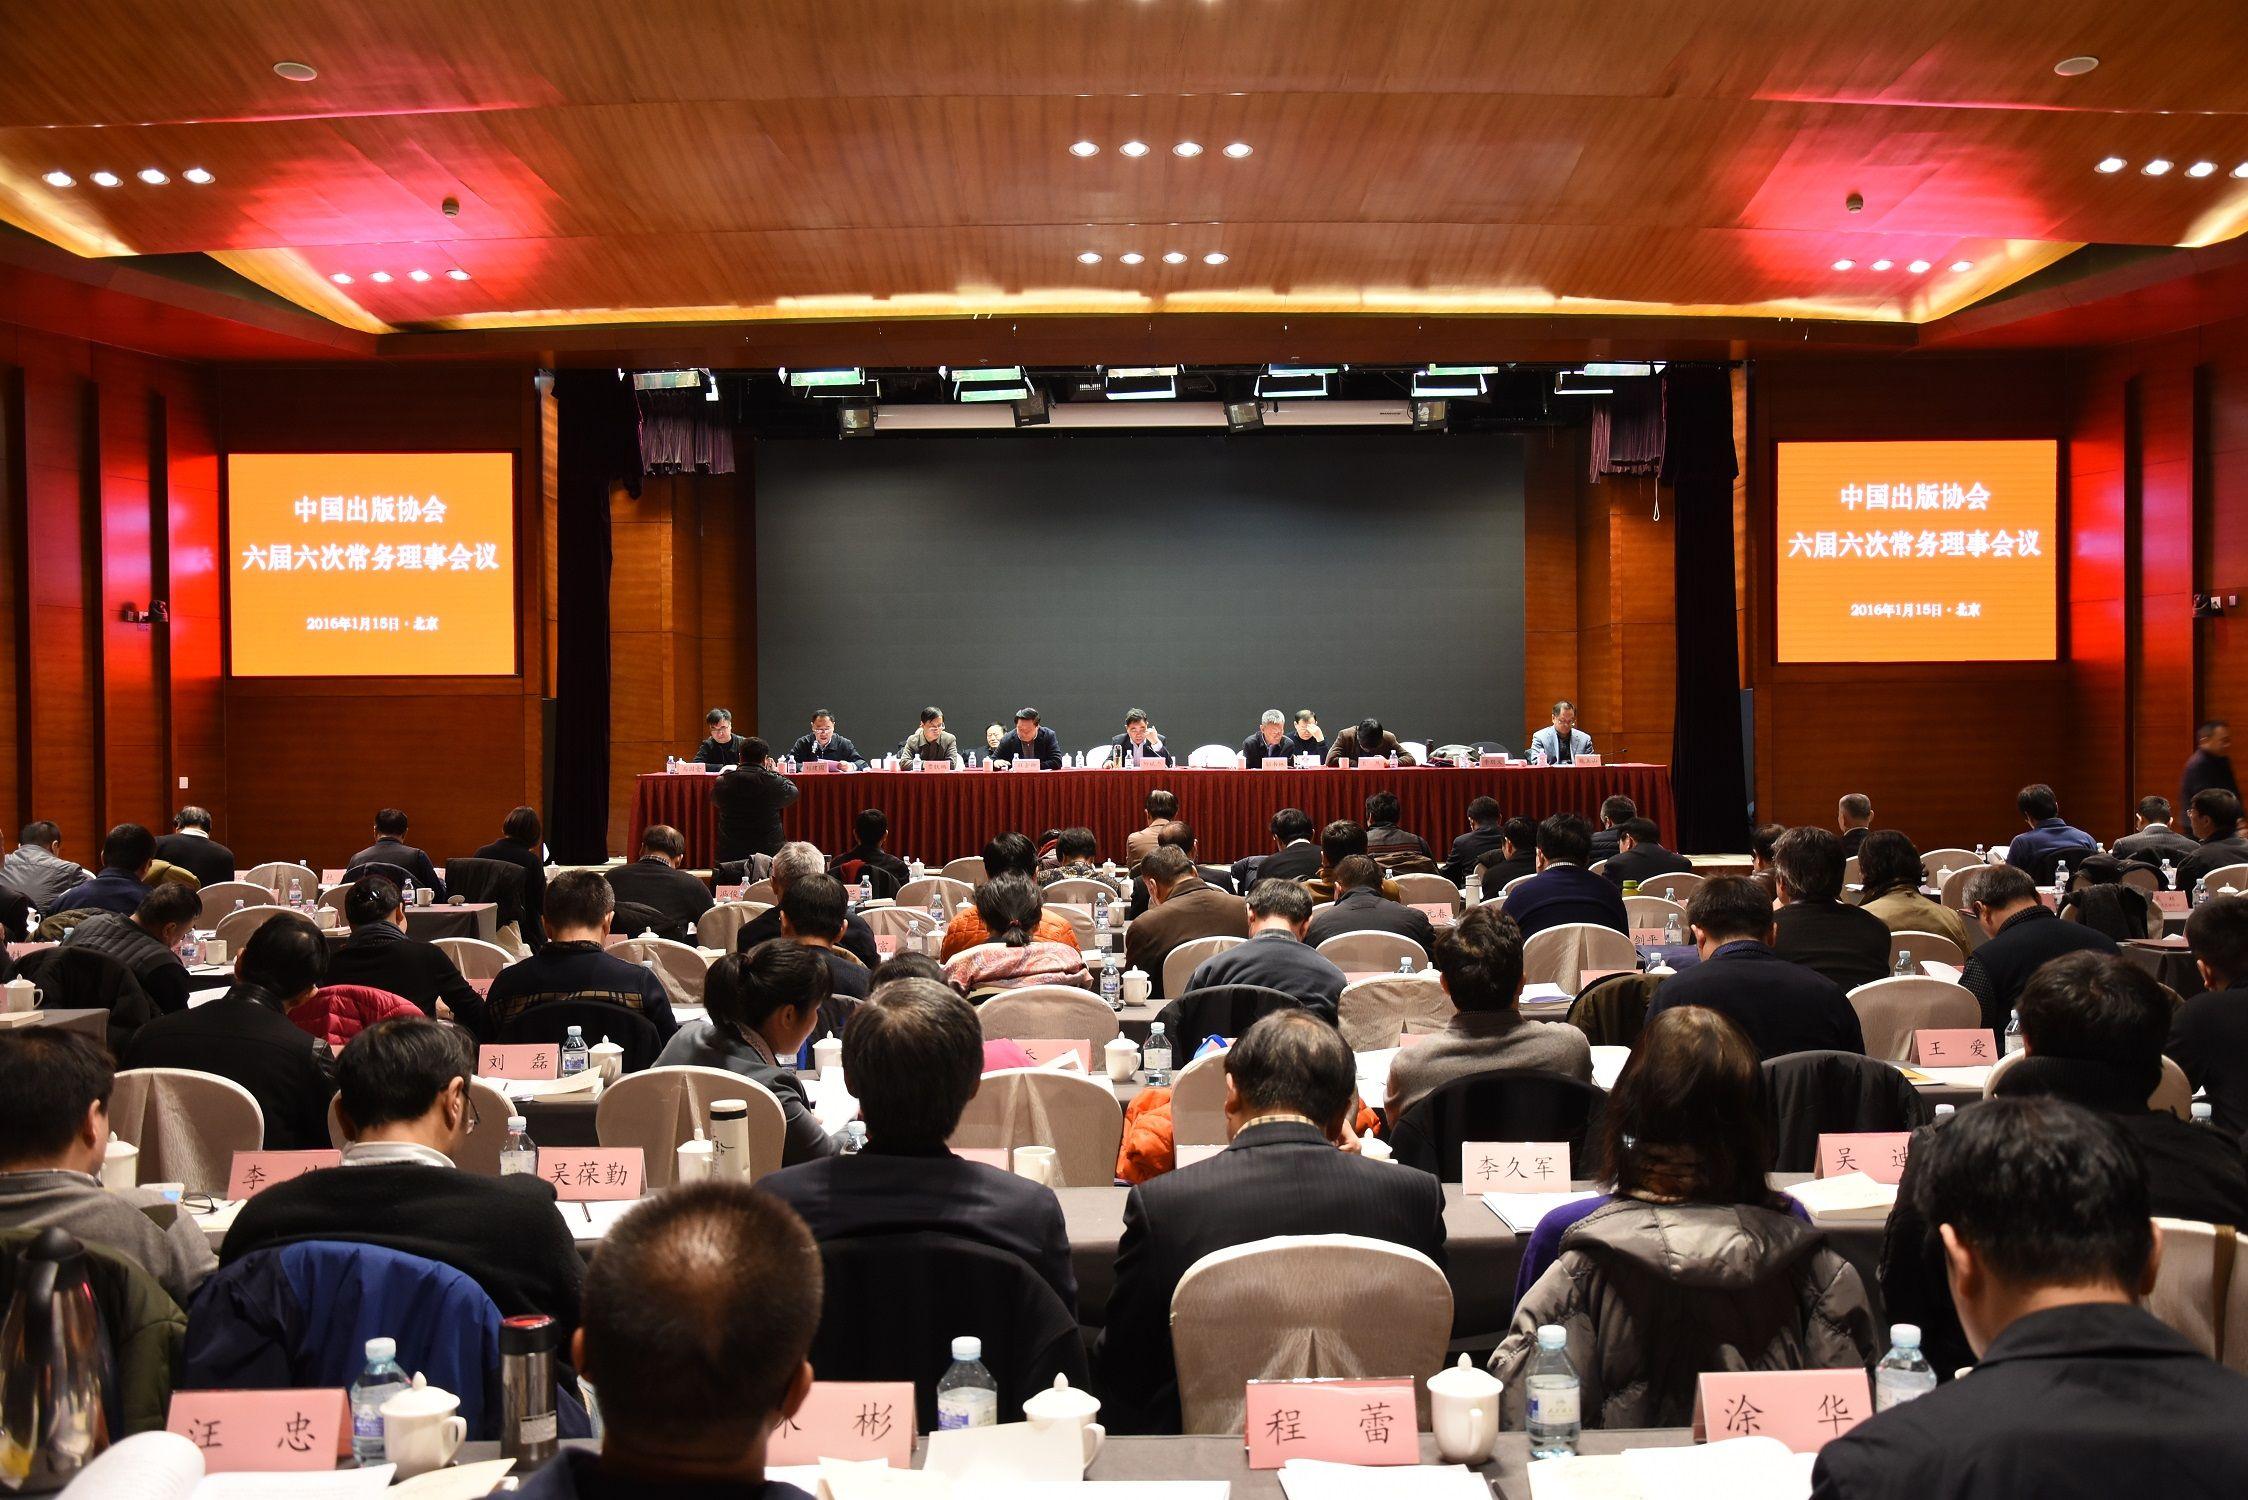 中国出版协会六届六次常务理事会议于2016年1月15日在京召开